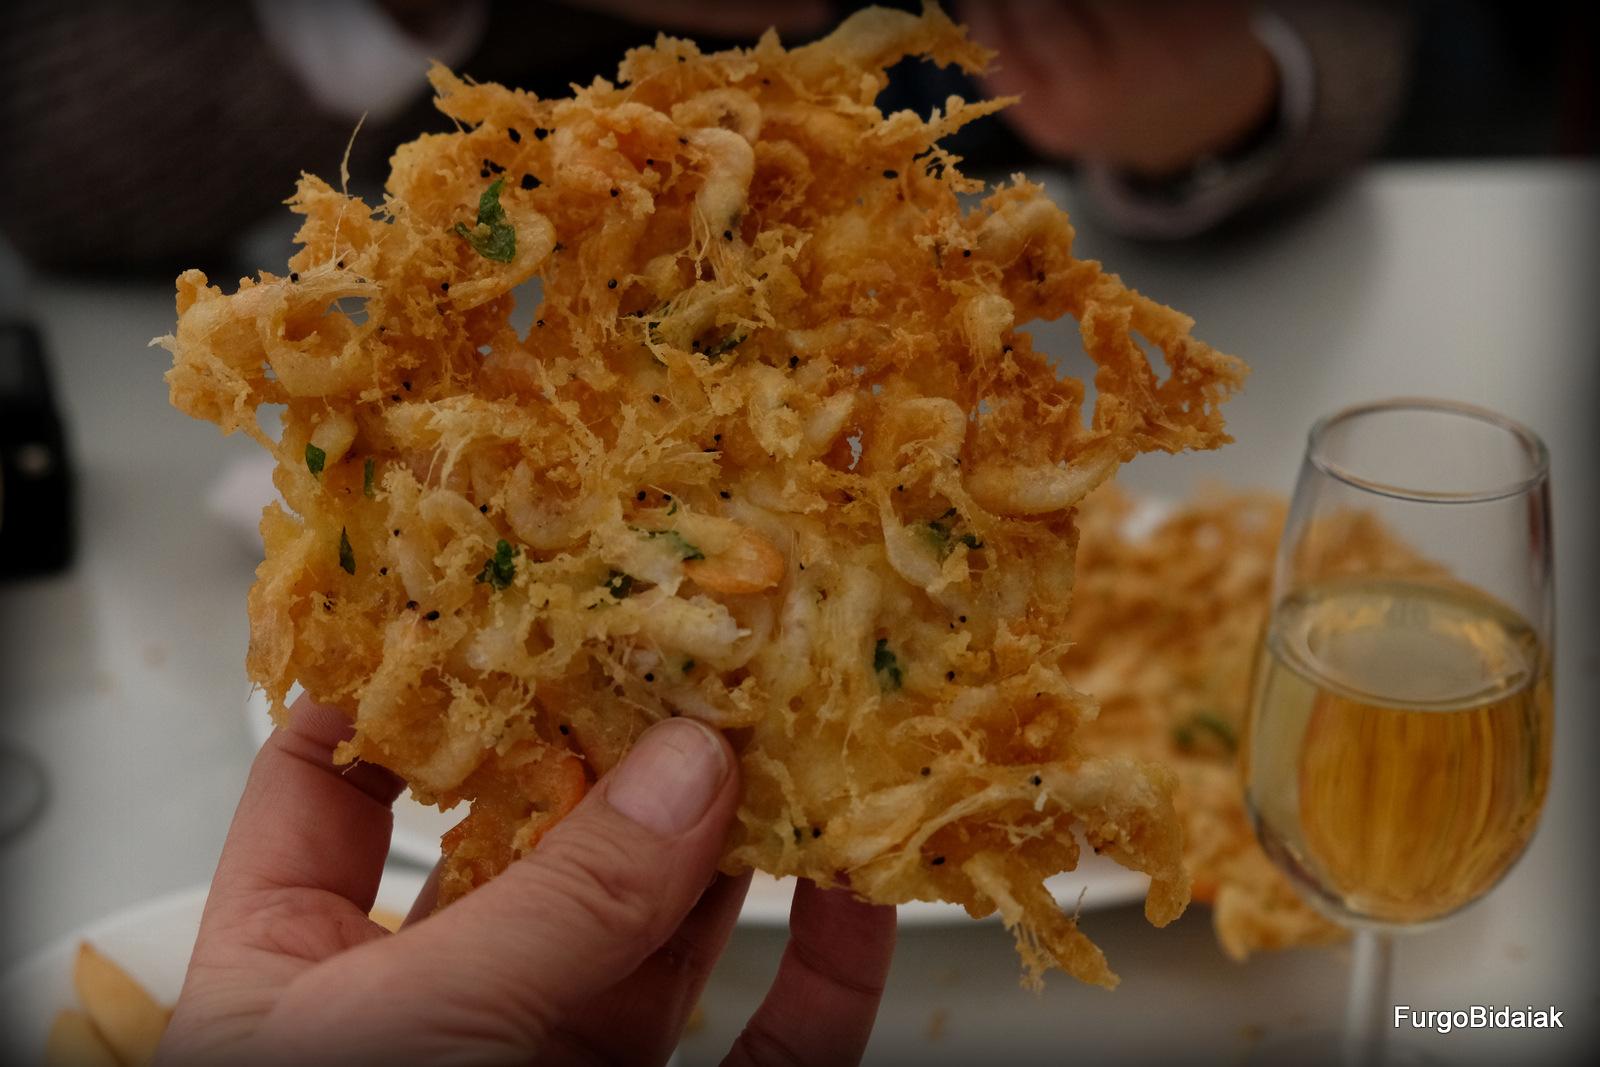 Tortillas de camarón en Casa Balbino, Cádiz en furgo